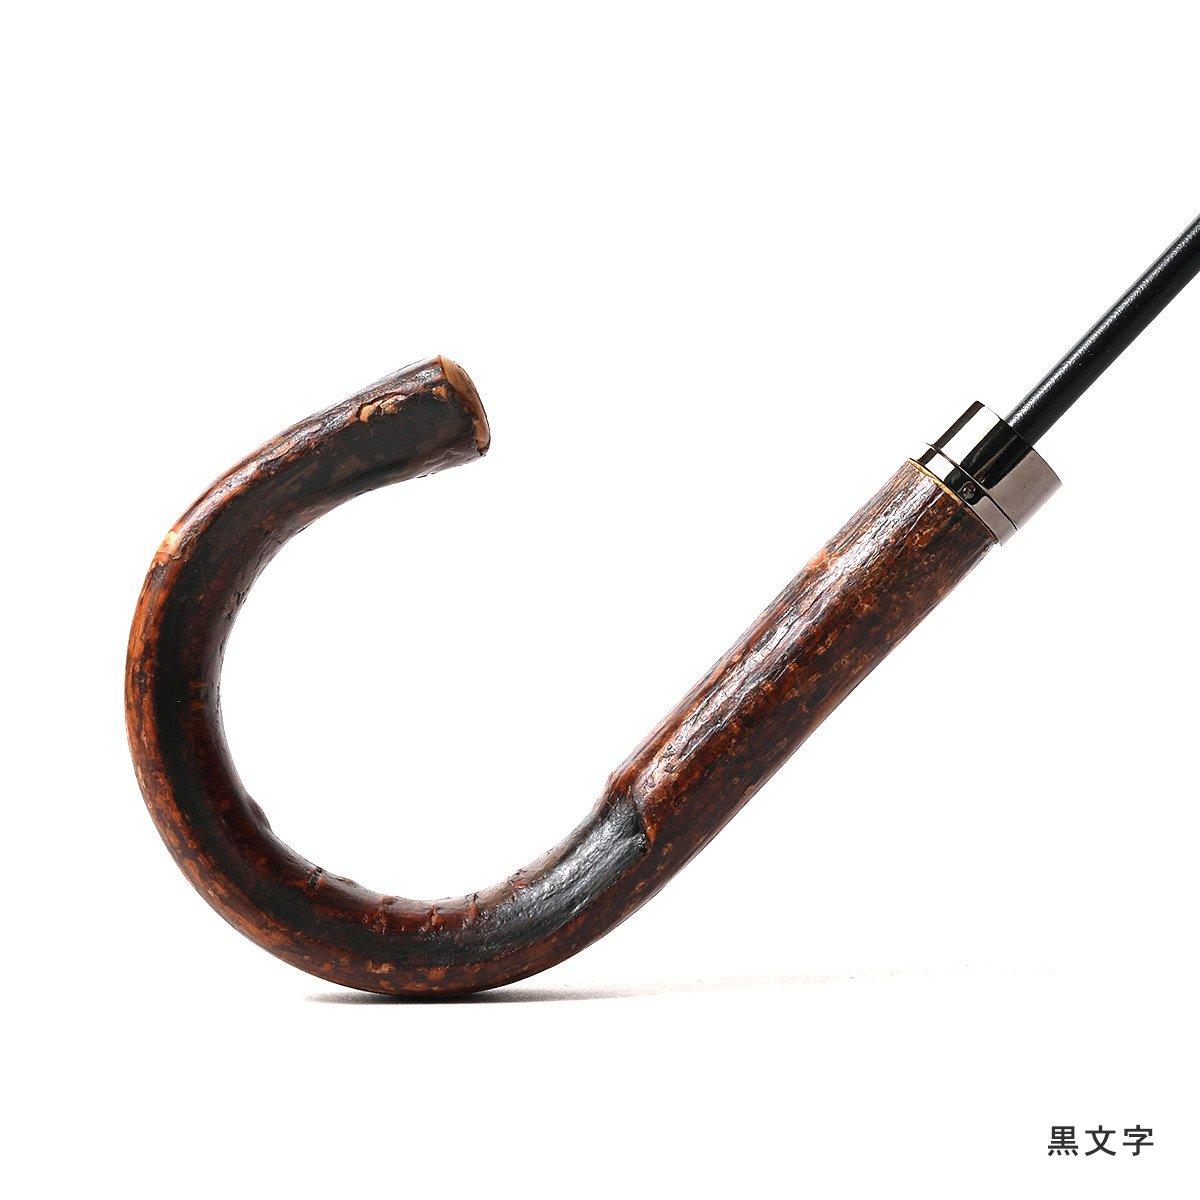 太鼓傘 - 鉄芯 詳細画像24